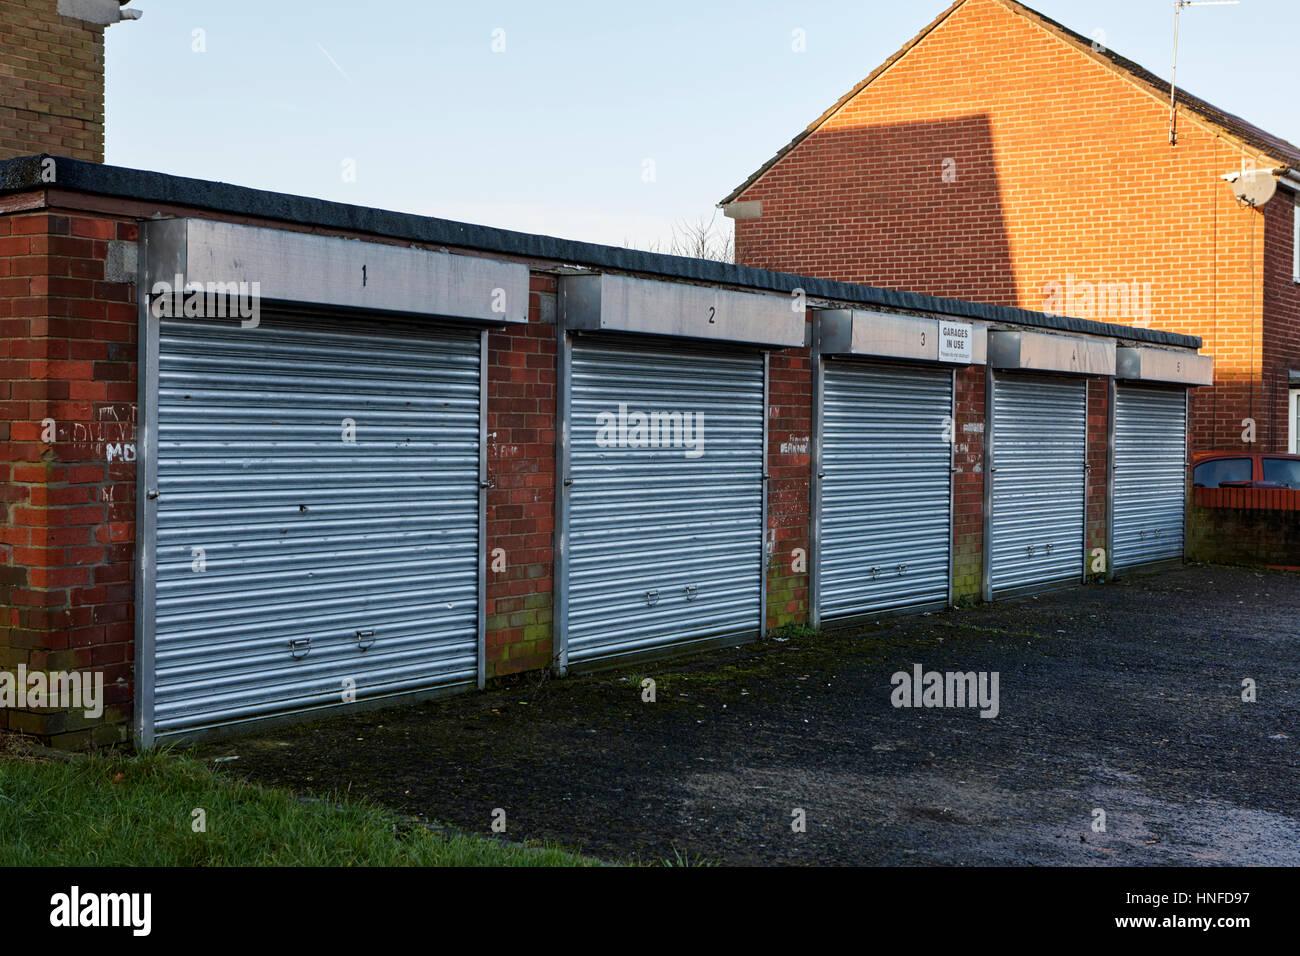 Fila de pequeños talleres en una urbanización de kirkby liverpool uk Imagen De Stock